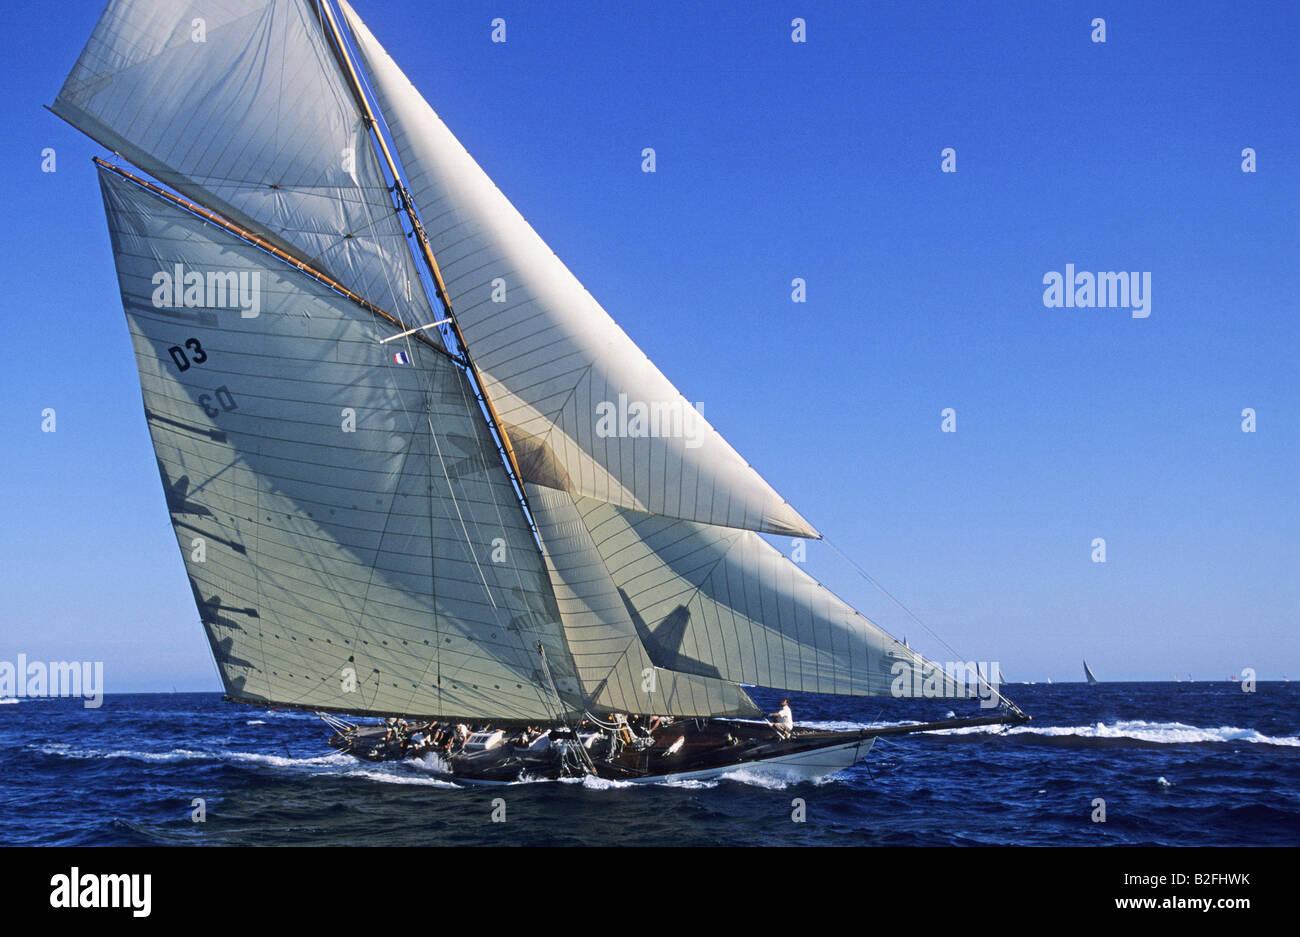 Klassische segelyachten  Klassische Segelyacht J-Klasse Stockfoto, Bild: 18783007 - Alamy